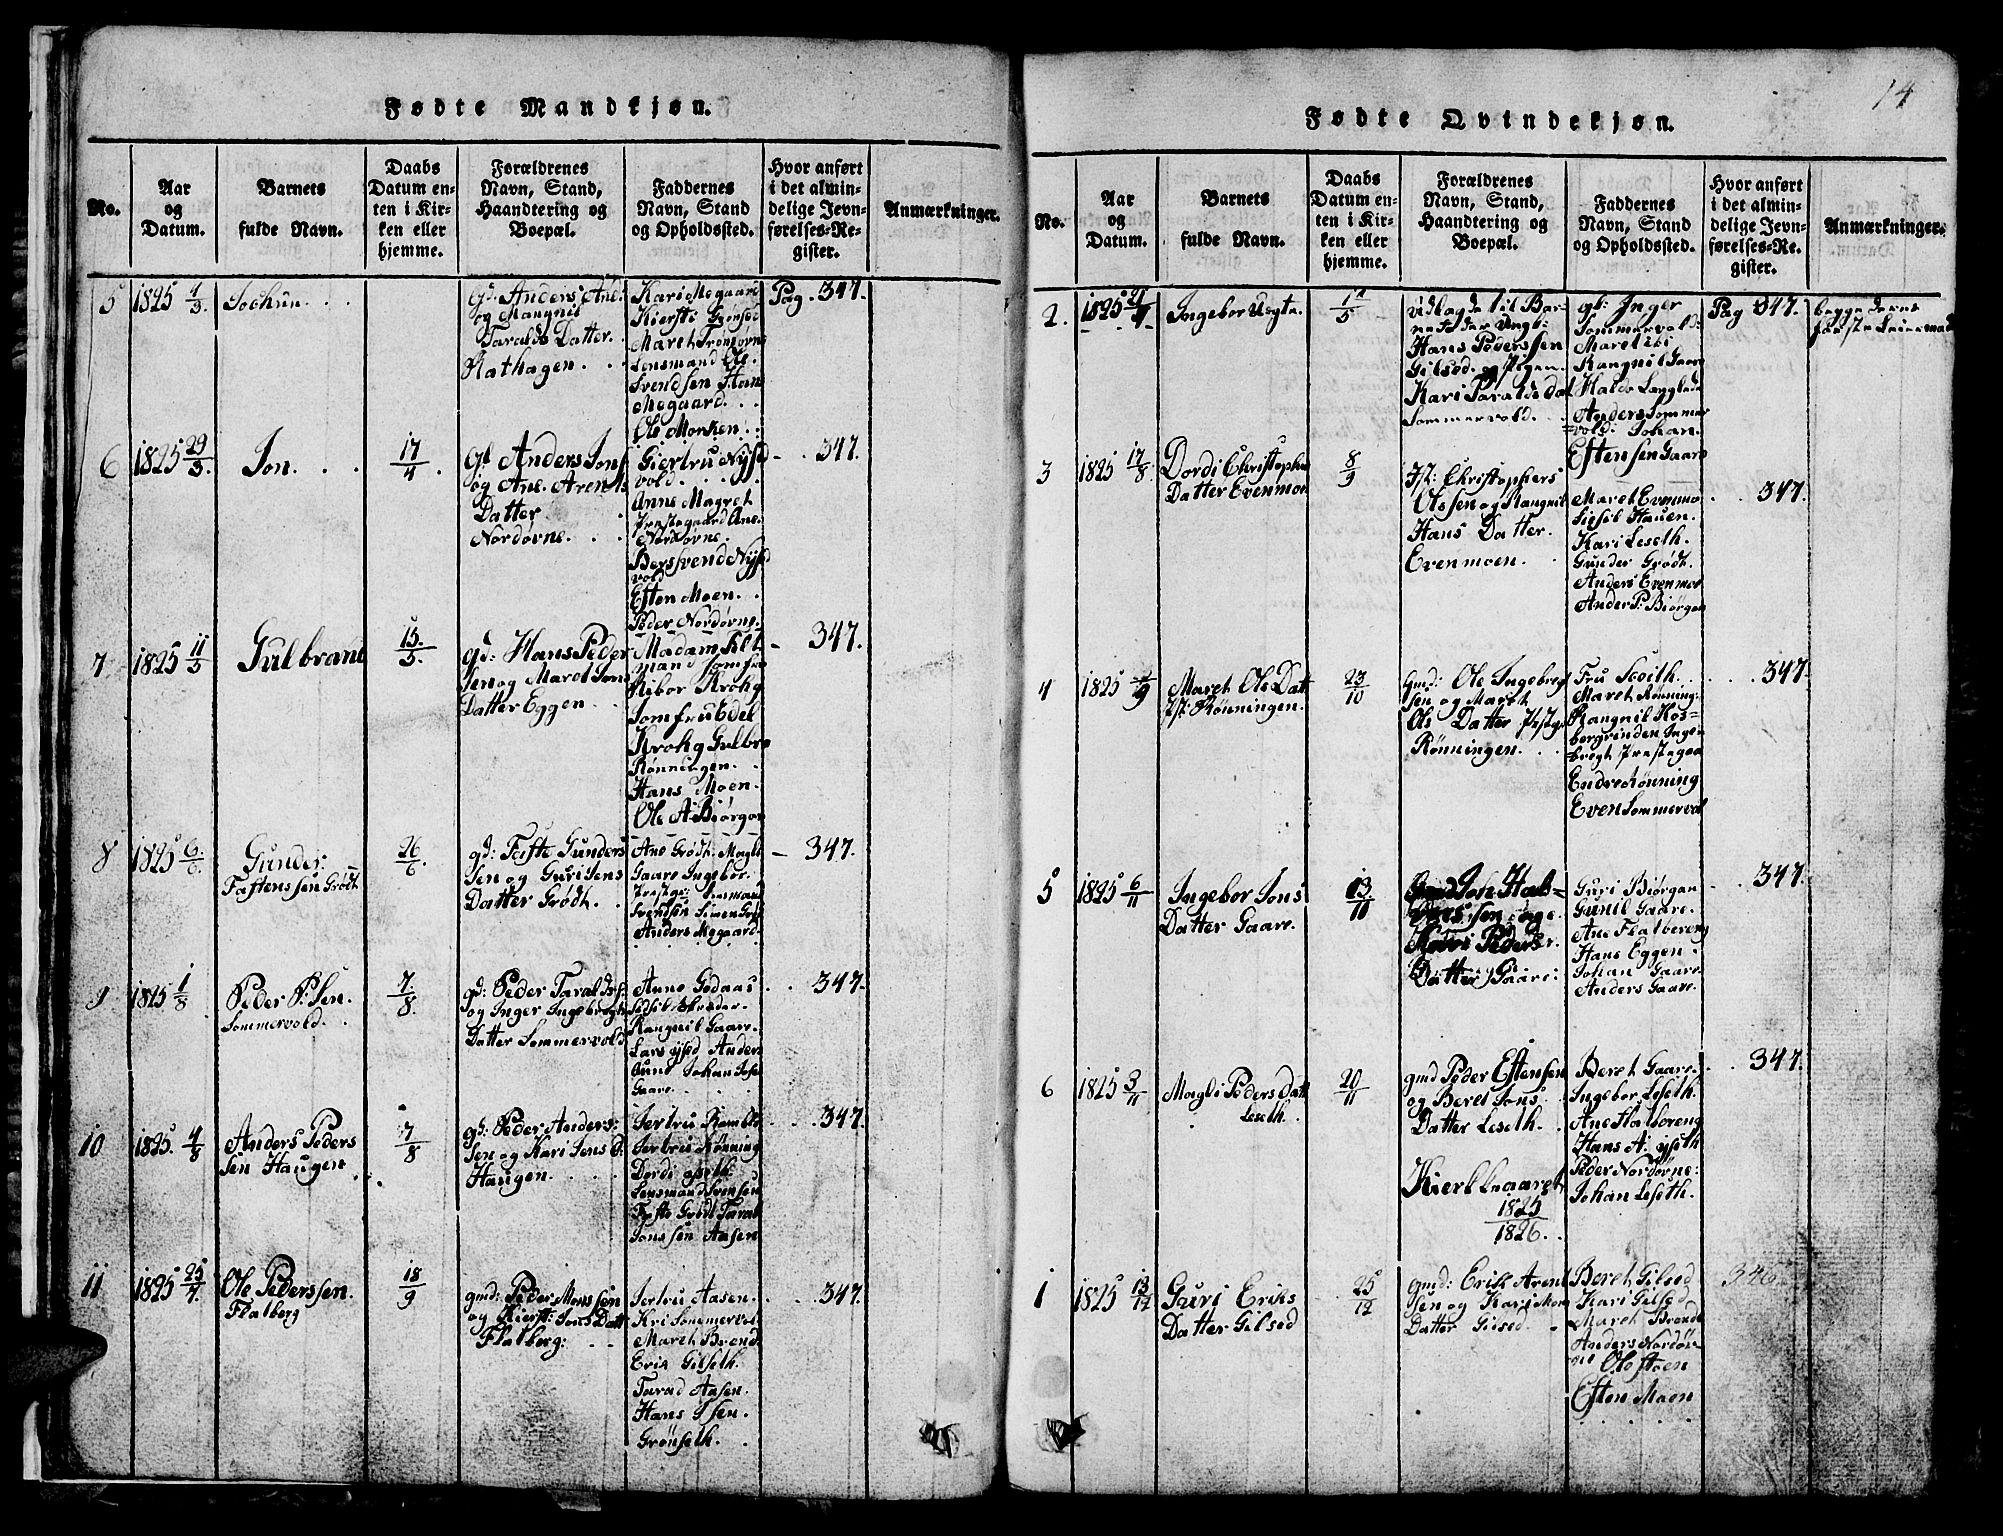 SAT, Ministerialprotokoller, klokkerbøker og fødselsregistre - Sør-Trøndelag, 685/L0976: Klokkerbok nr. 685C01, 1817-1878, s. 14